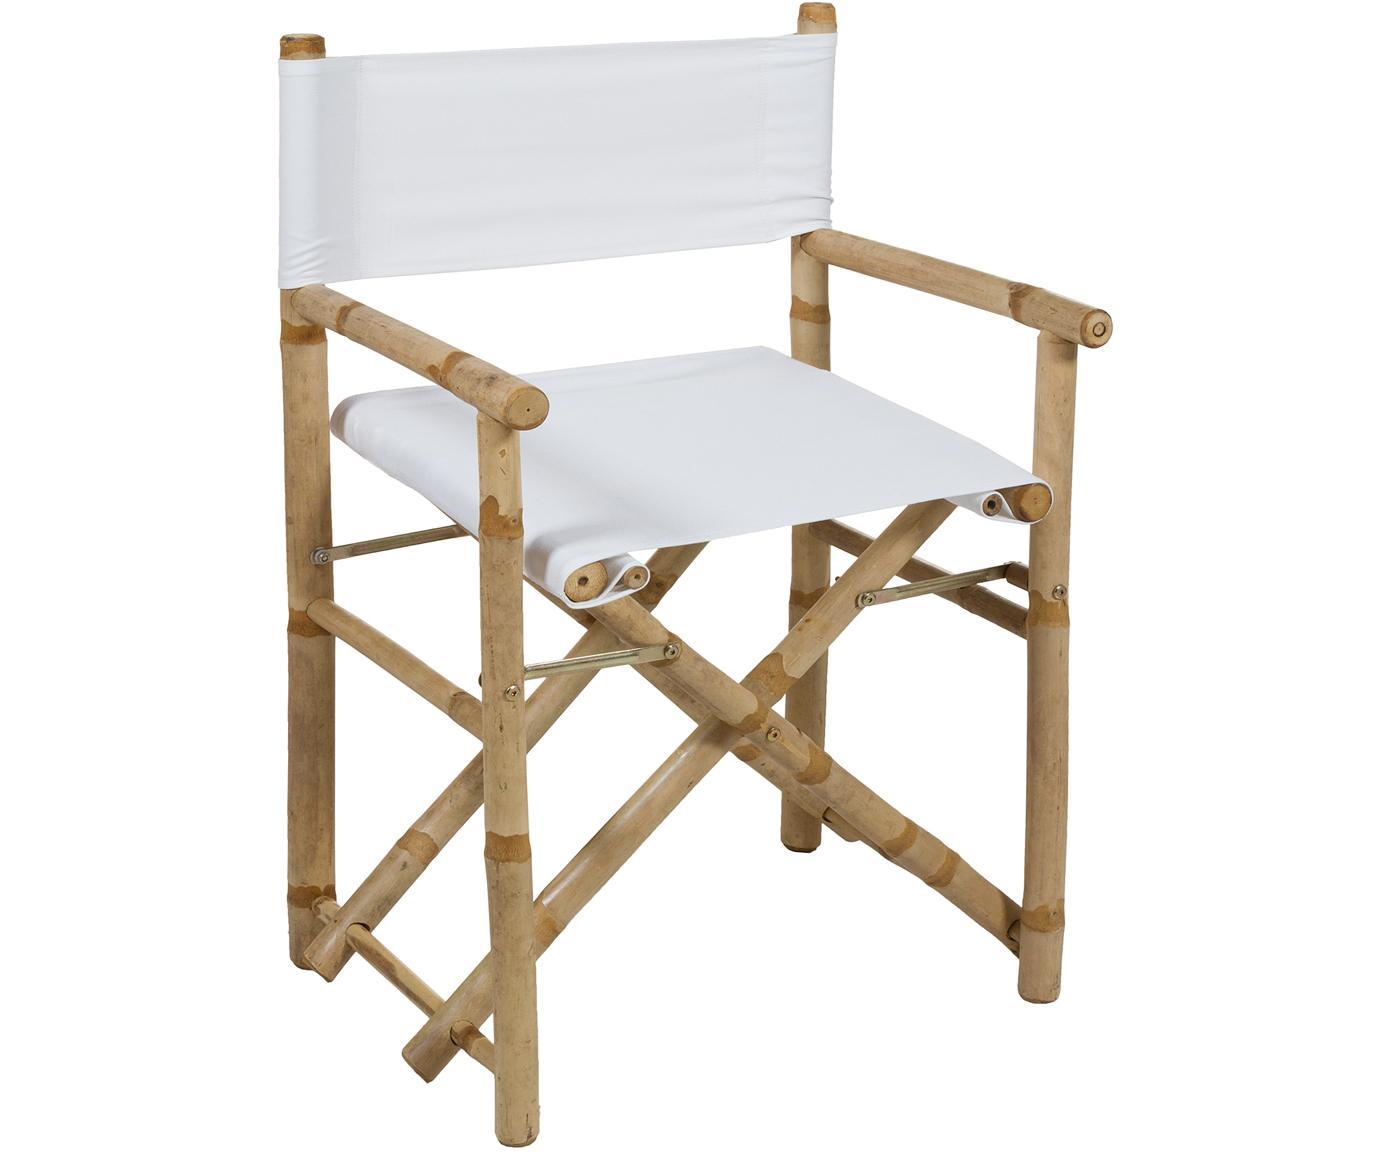 Sedia da regista pieghevole in bambù Limboo, Struttura: bambù, Seduta: poliestere, Legno di bambù, bianco, Larg. 58 x Prof. 45 cm